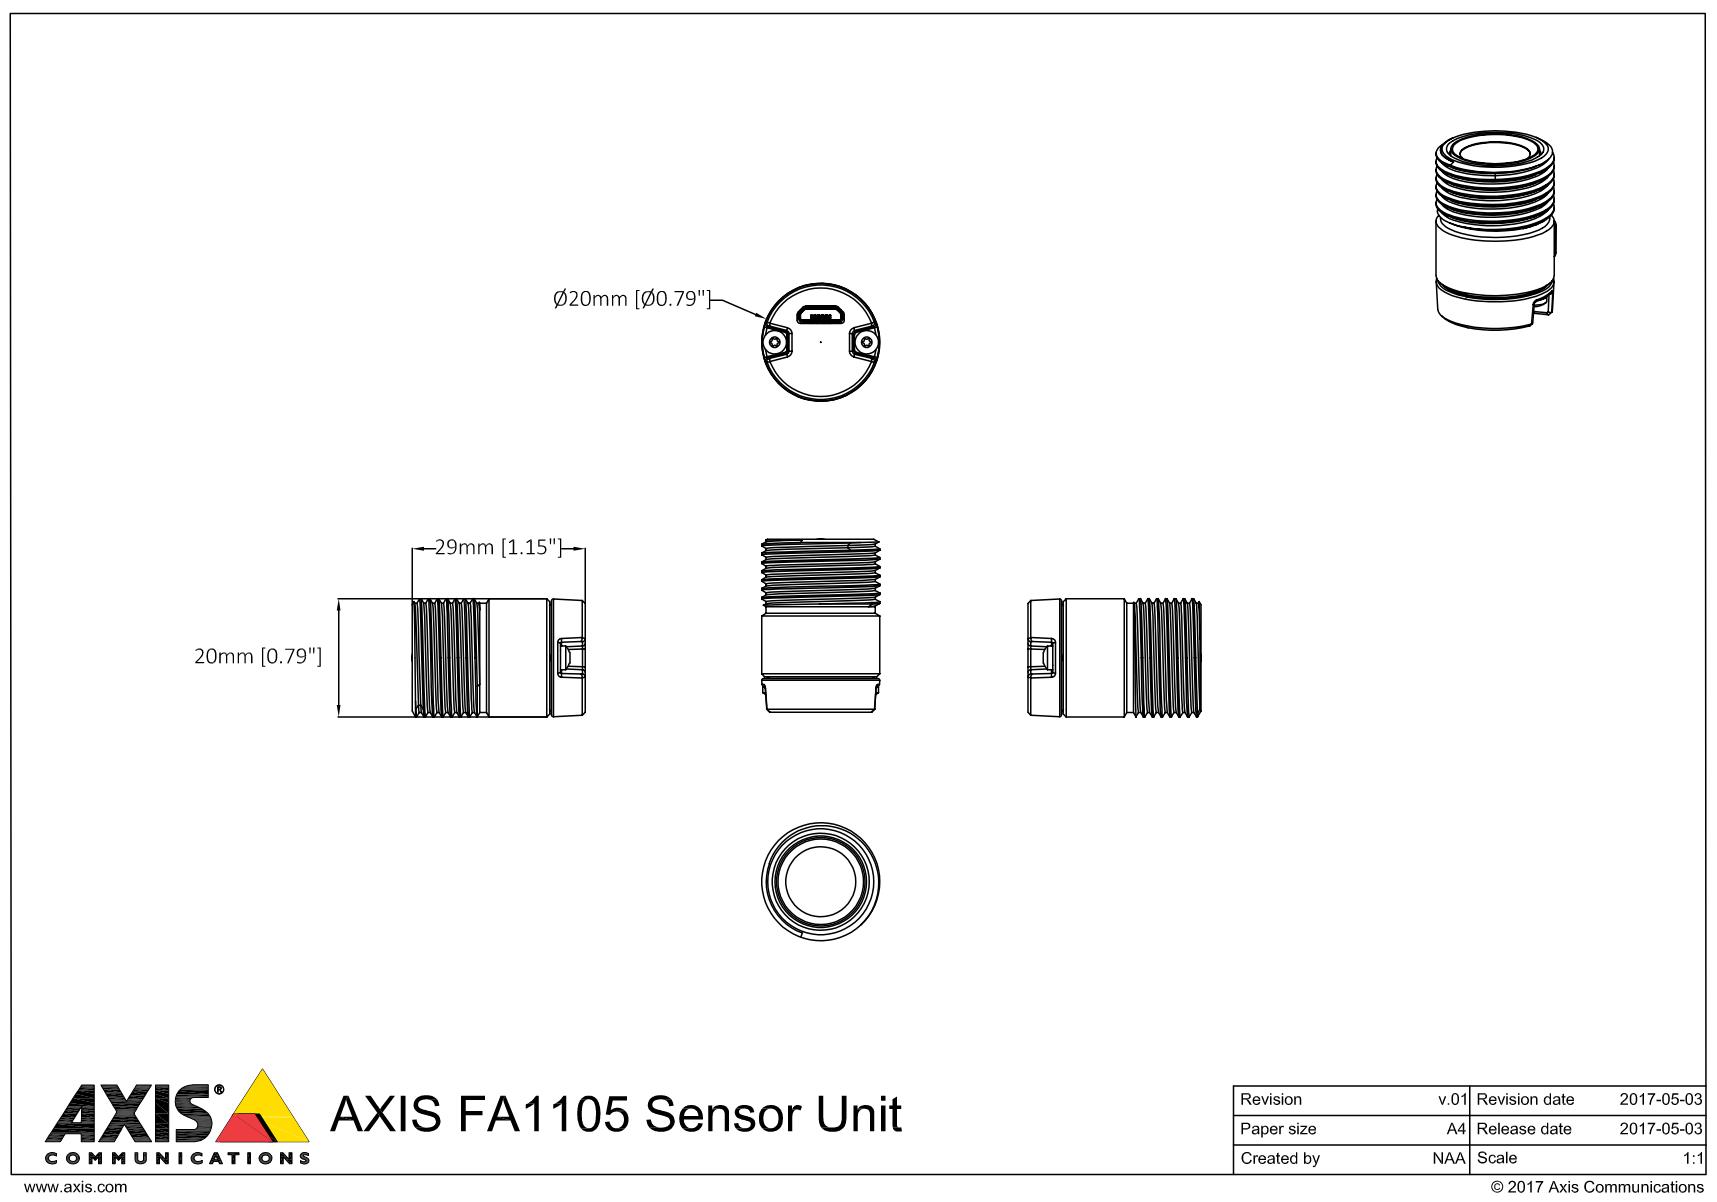 FA1105 Unit Dimensions